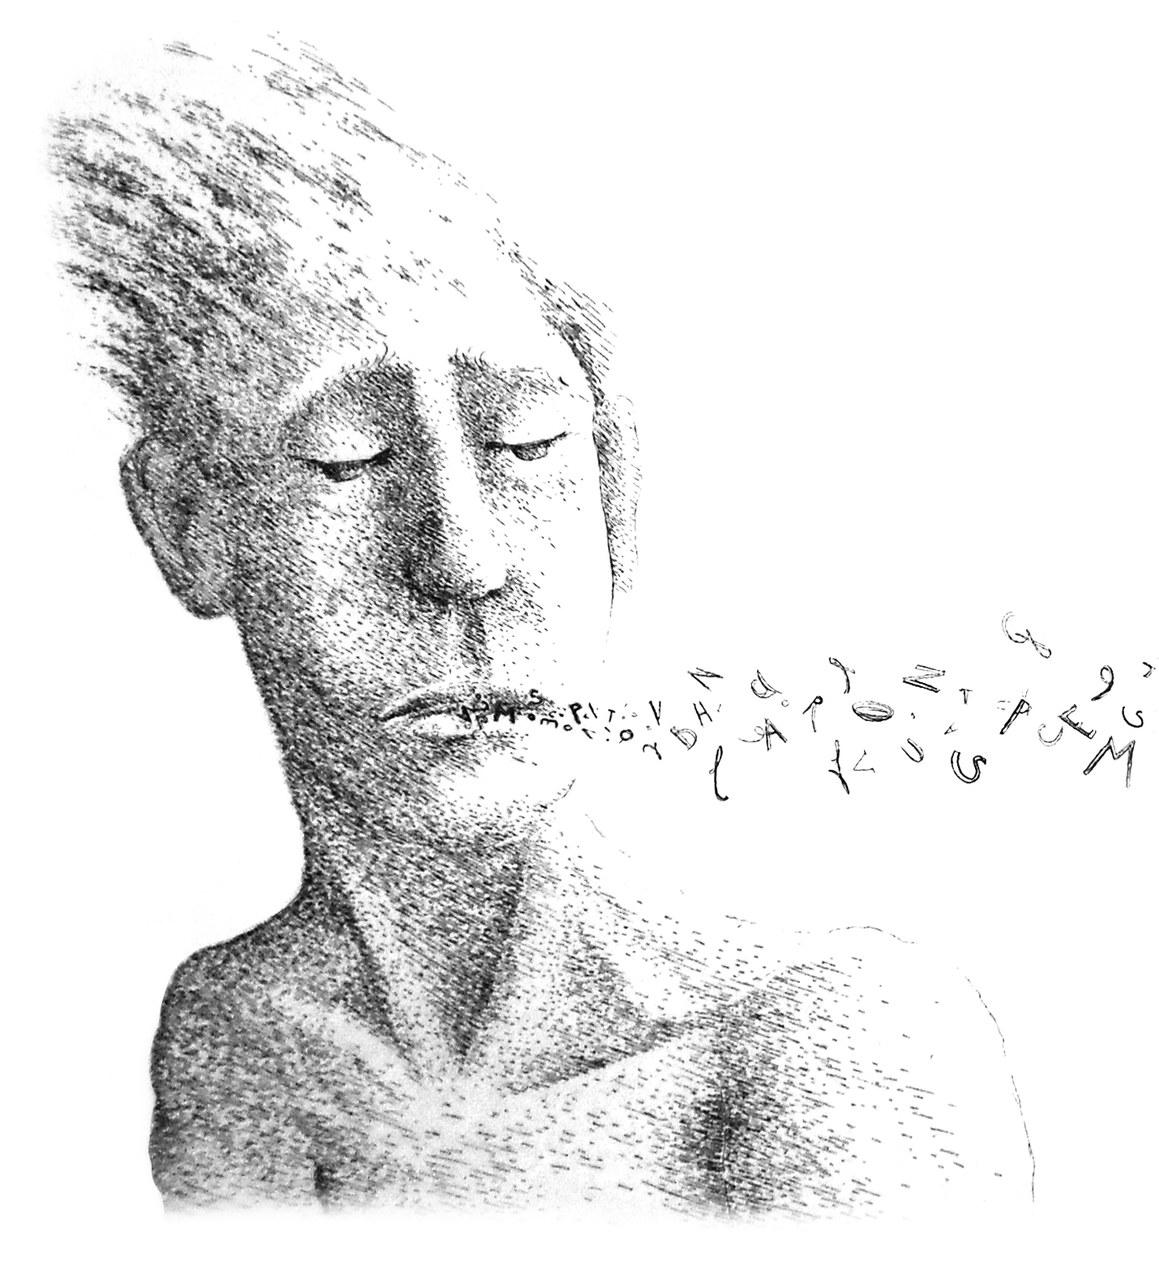 particolare di A. Beuchat, Le souffle poétique, acquaforte su rame, marzo 2011, catalogo Alma Charta n. 625